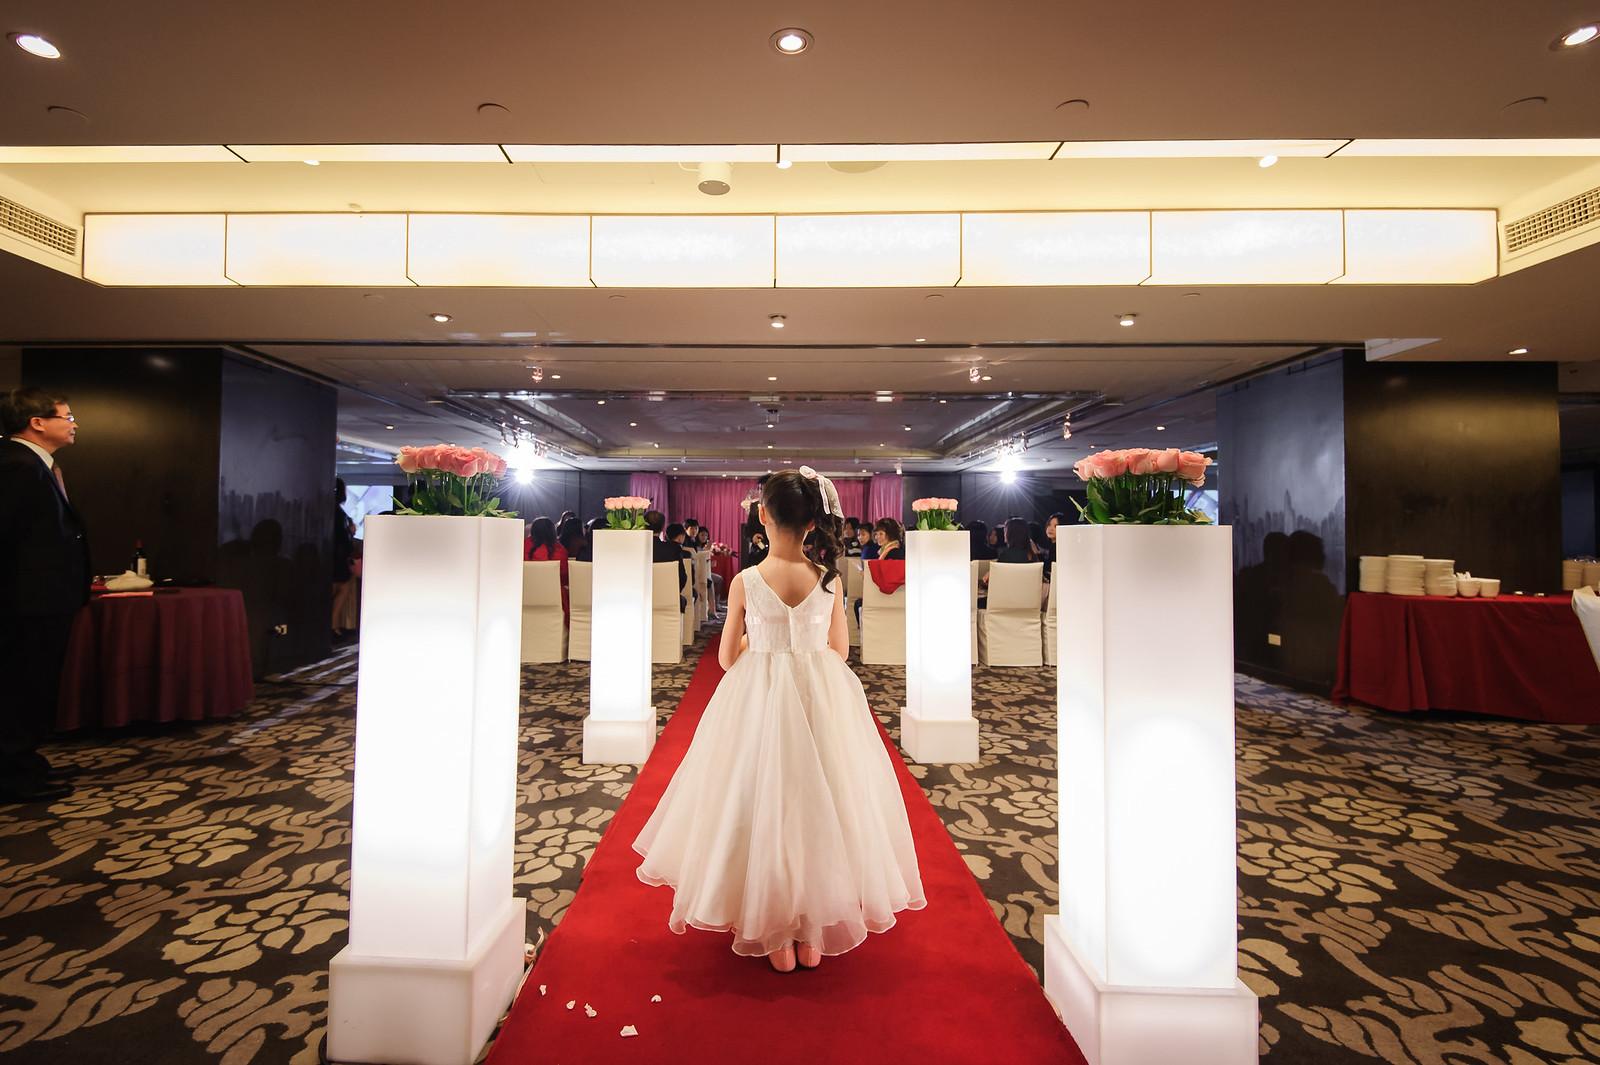 台北婚攝, 婚禮攝影, 婚攝, 婚攝守恆, 婚攝推薦, 晶華酒店, 晶華酒店婚宴, 晶華酒店婚攝-23